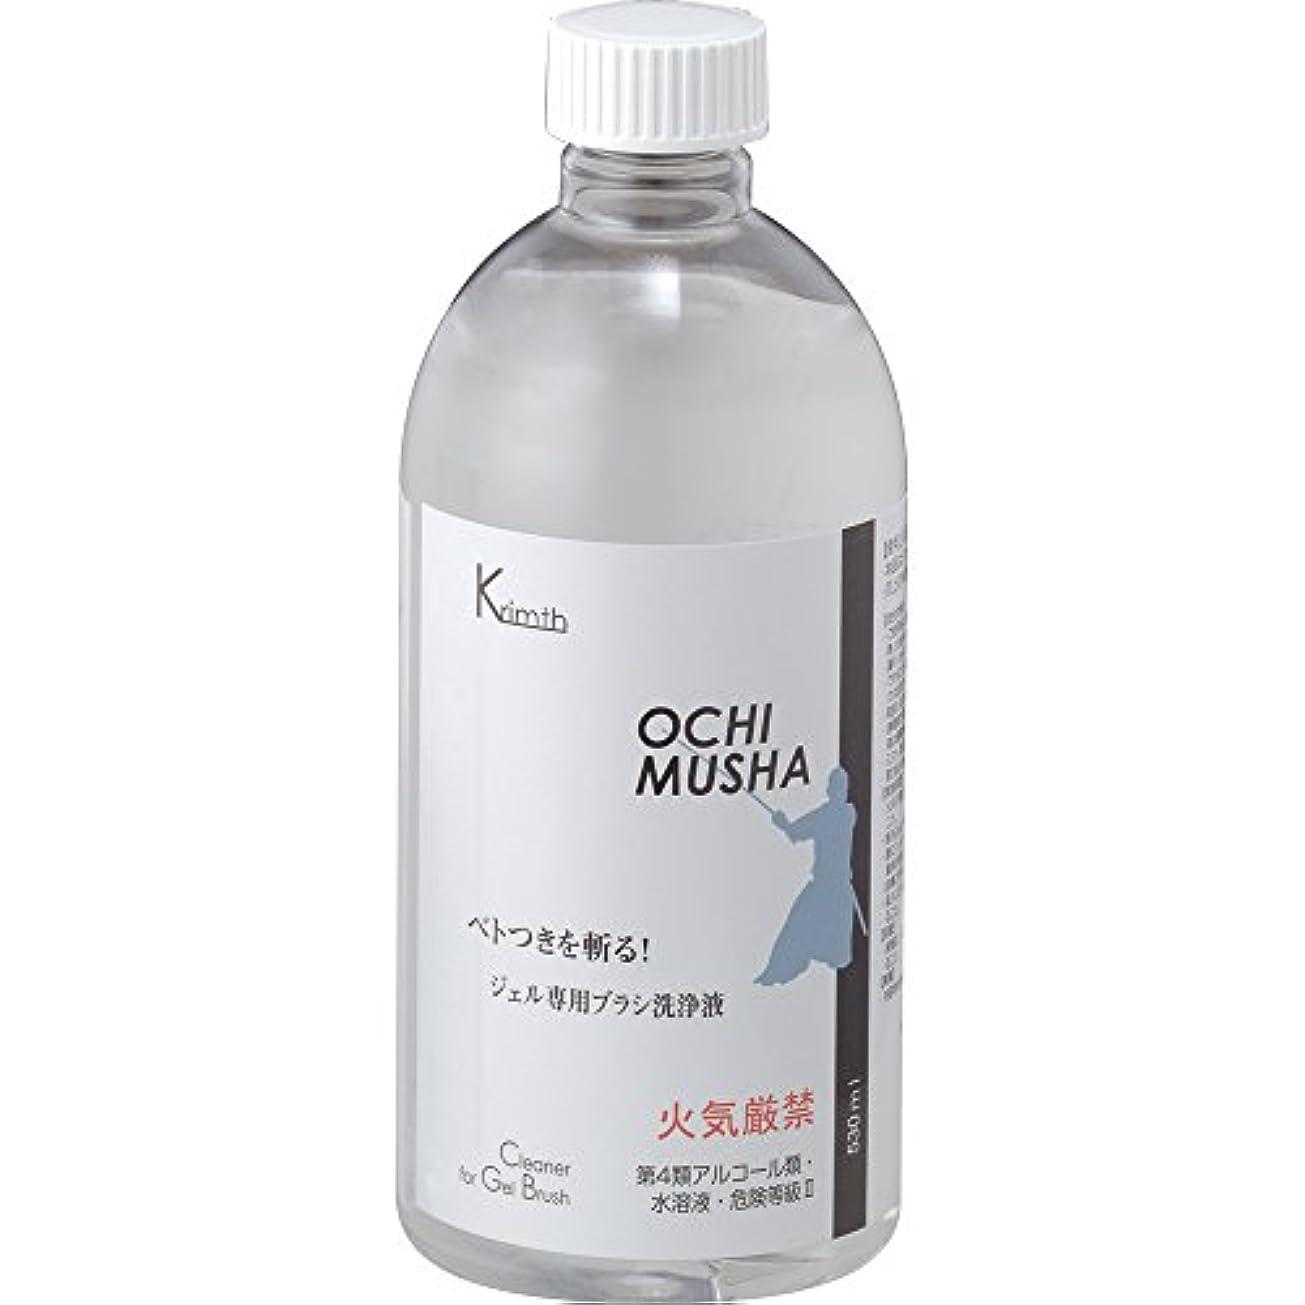 ご注意インシュレータ慣性Krimth Ochimusha 530ml